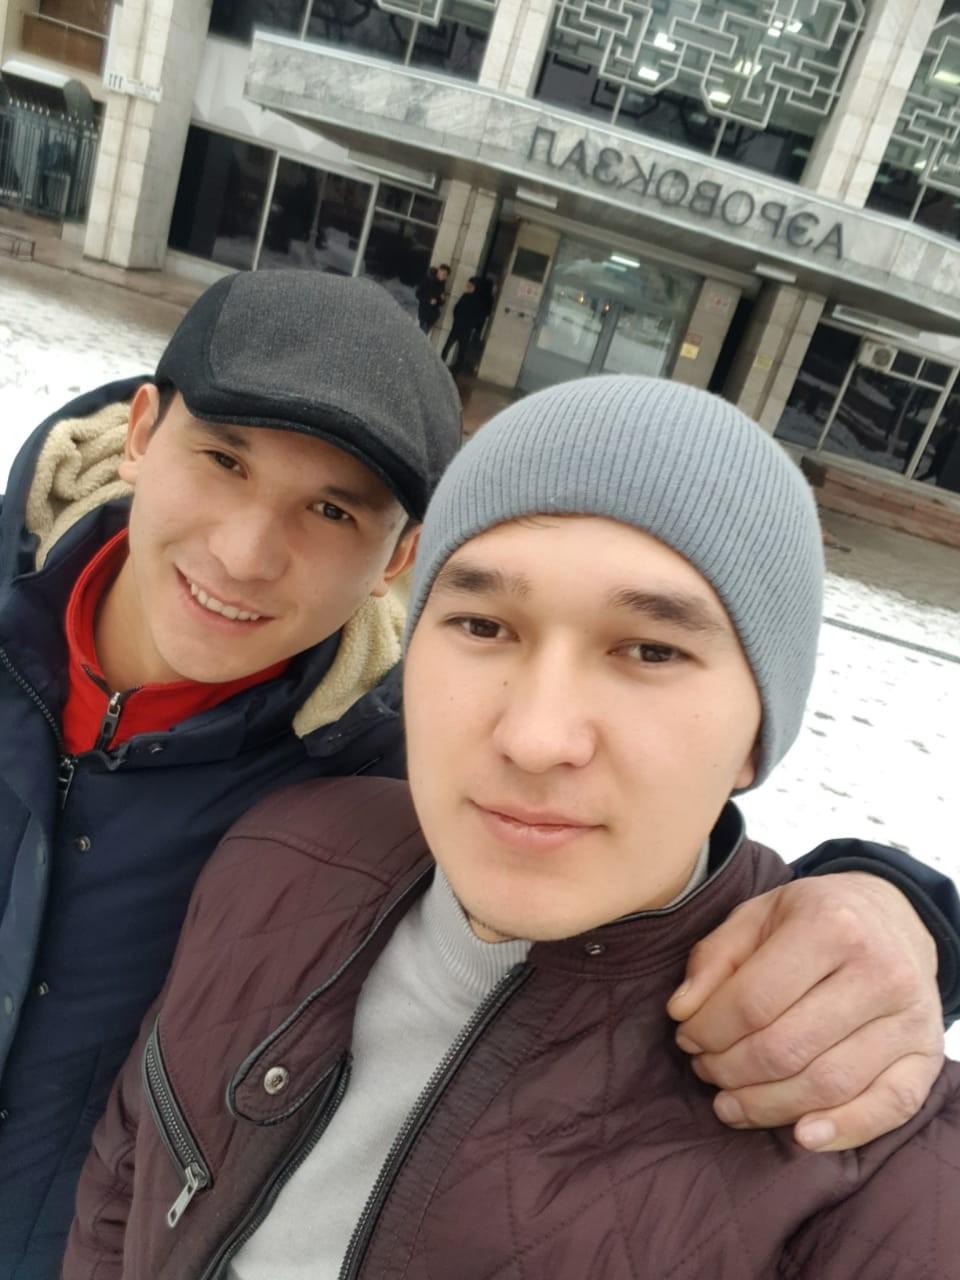 Ғaziz, 22, Келинтобе, Кзыл-Ординская, Казахстан